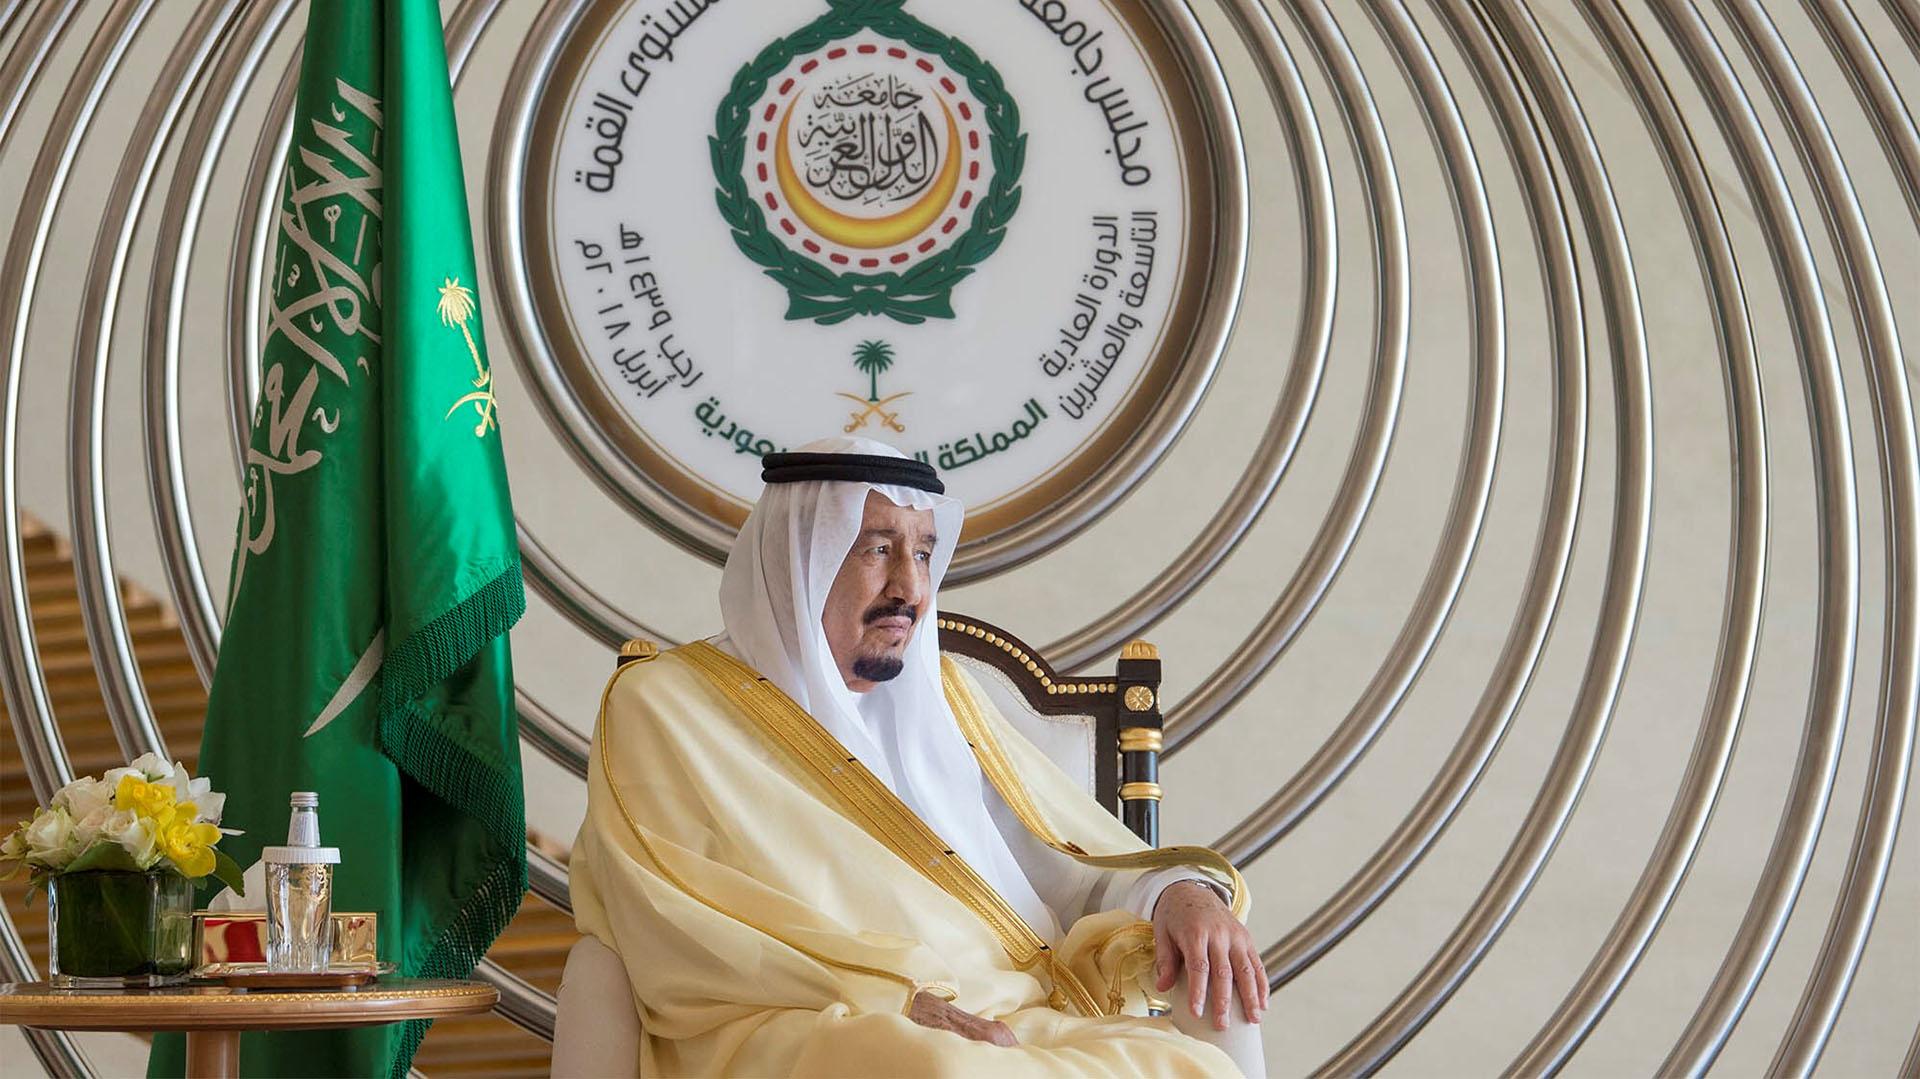 El rey de Arabia Saudita Salman bin Abdelaziz (Reuters)